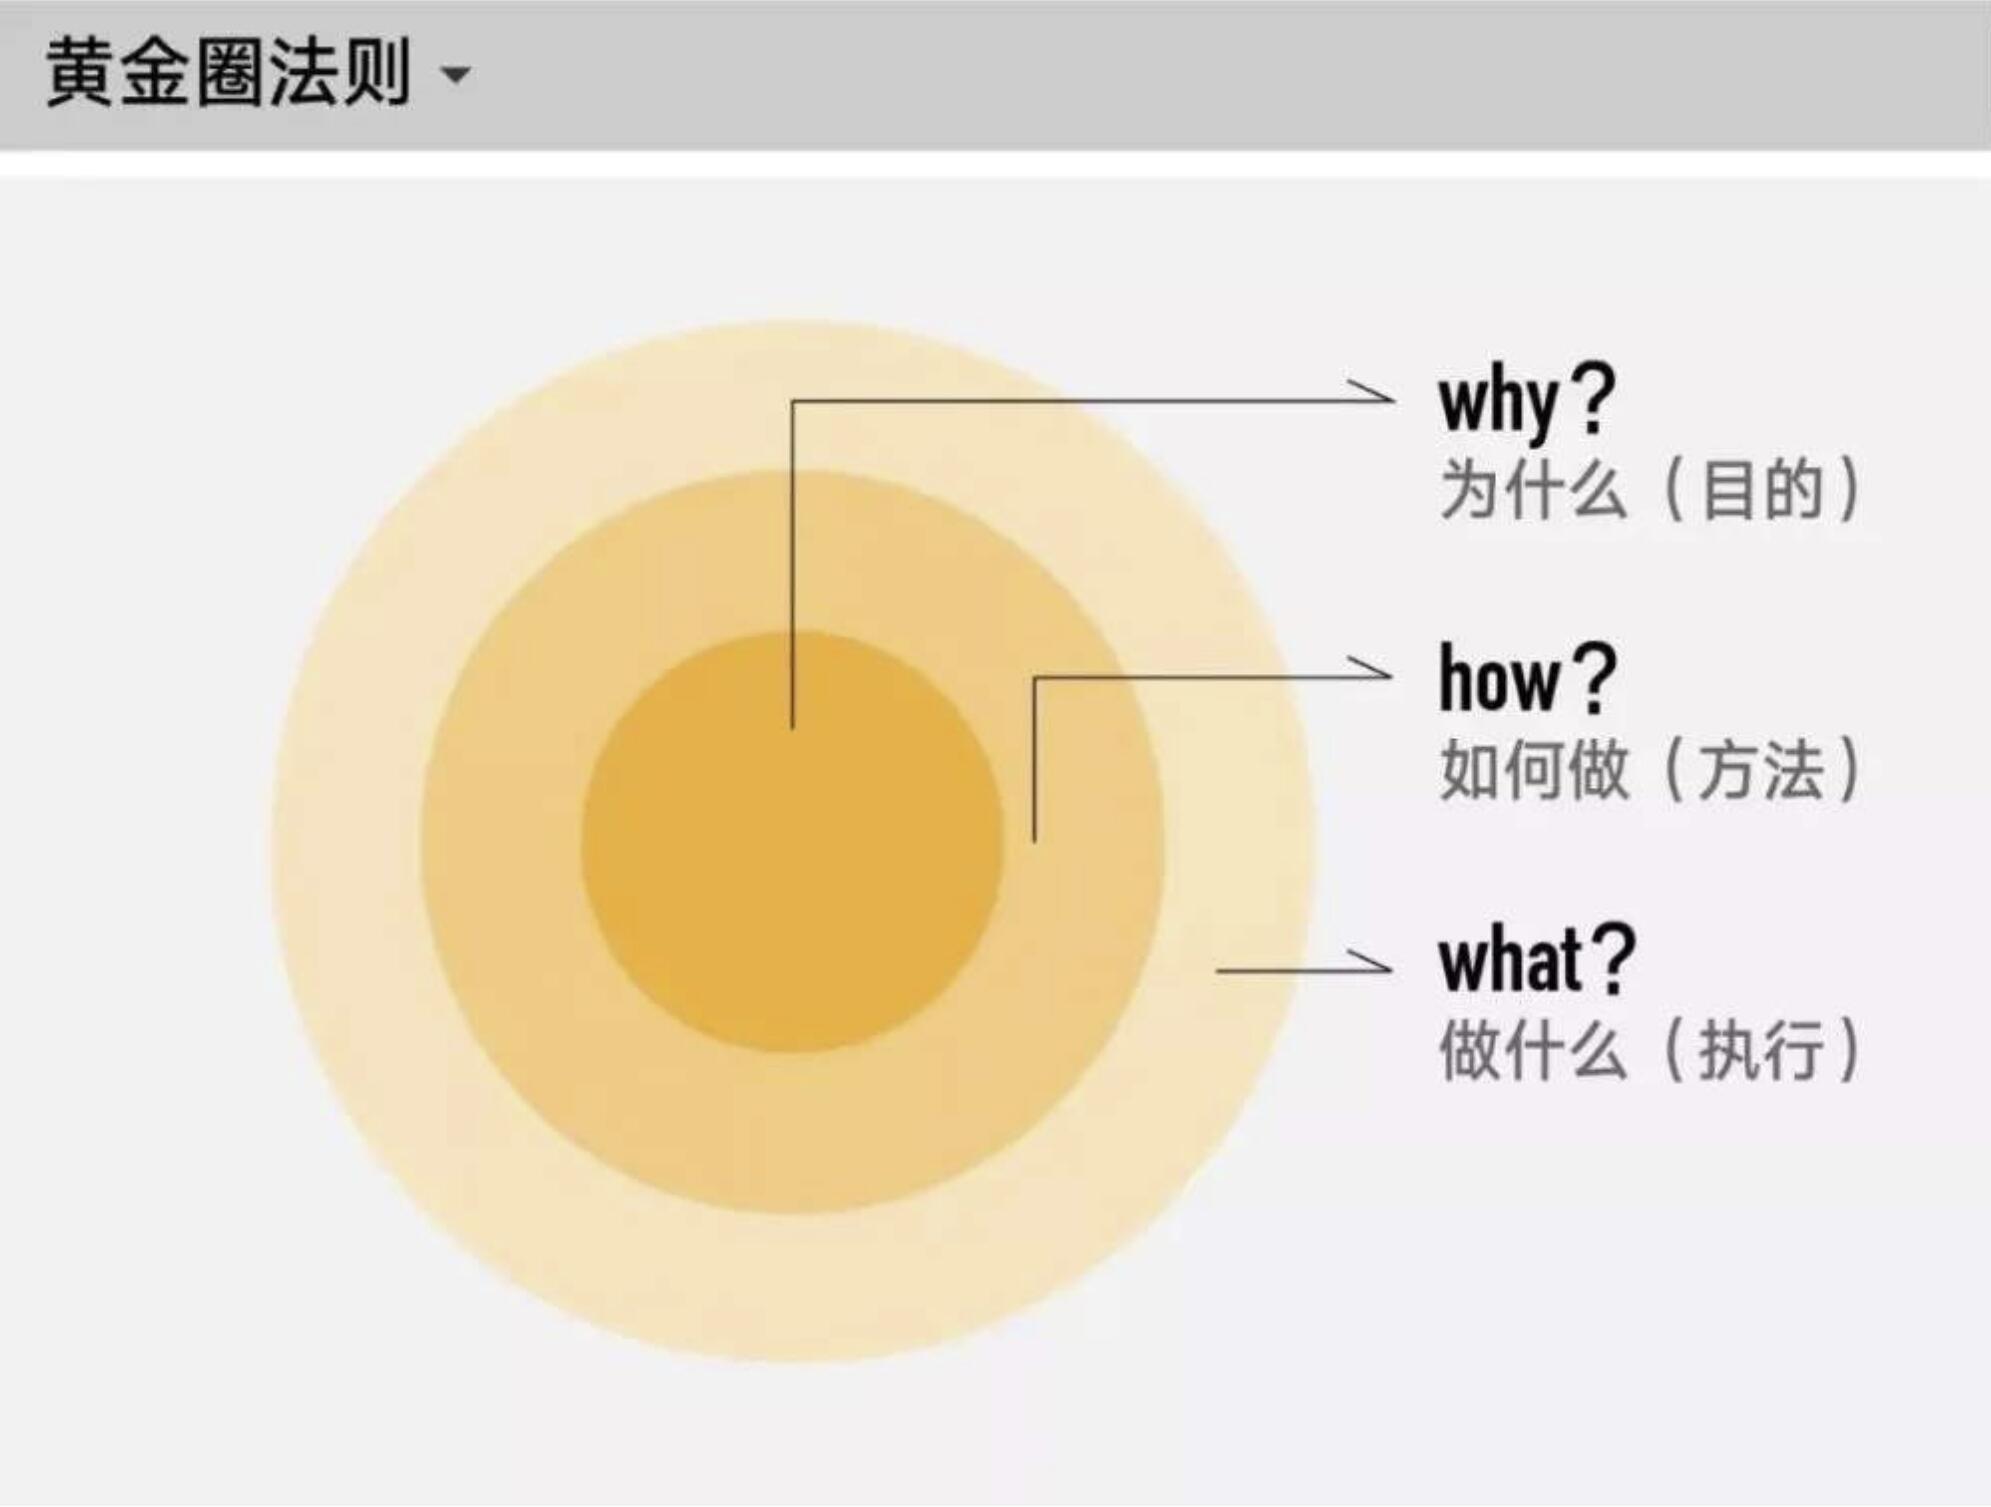 黄金圈法则:成功者必备的深度思考方法